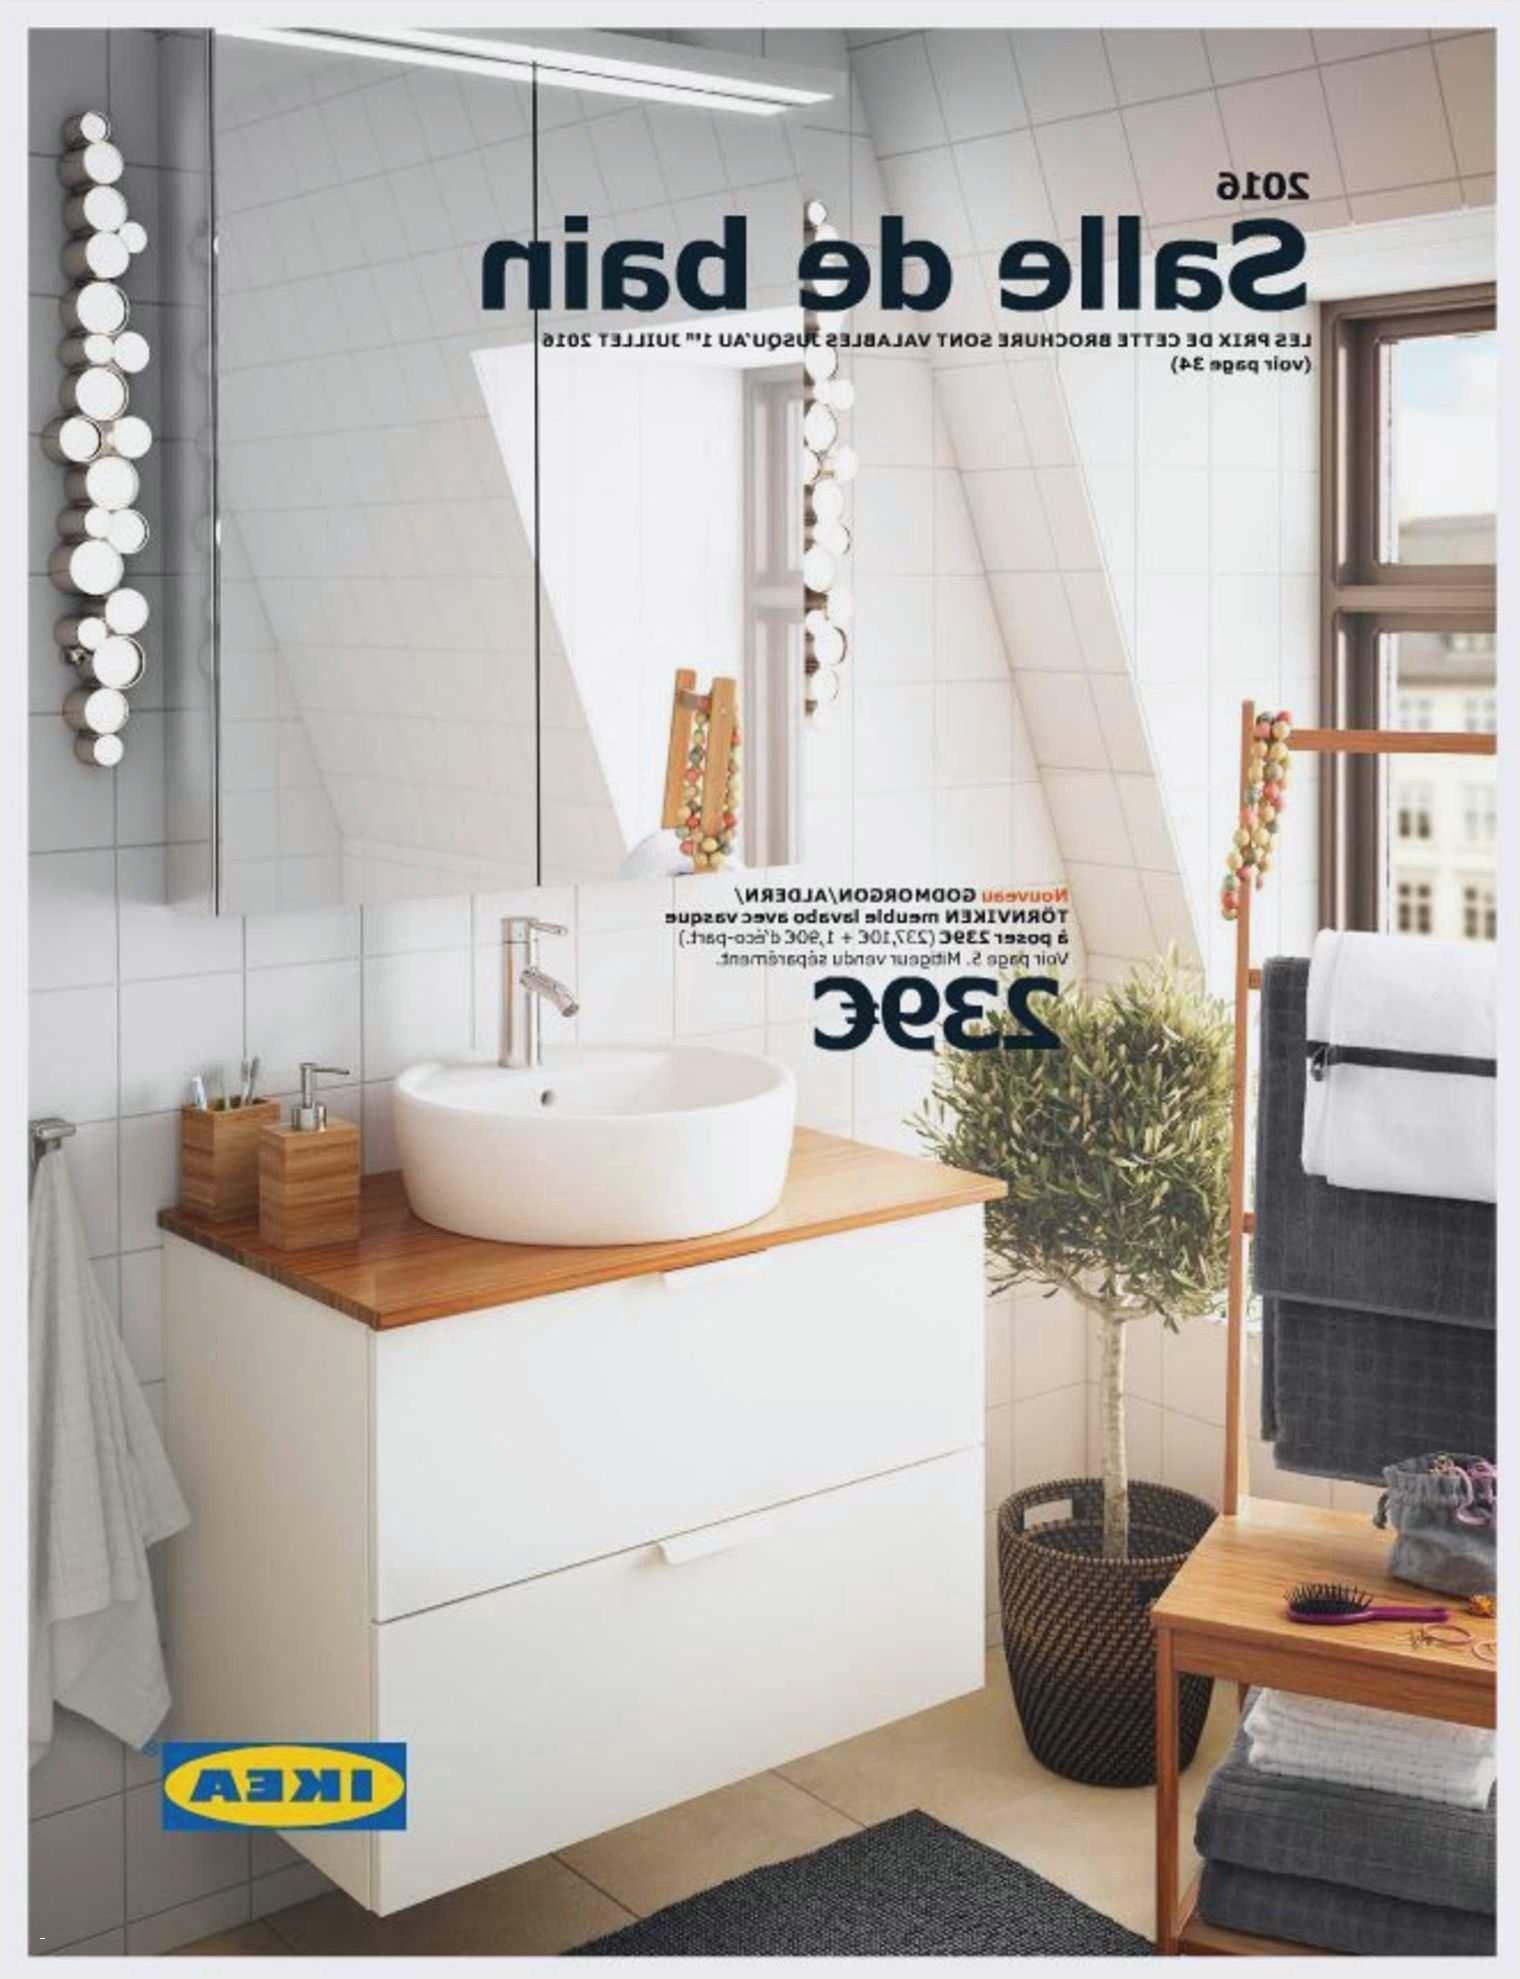 Salles De Bain Ikea Luxe Images Bien Extérieur Idées De Design Dans Le Respect De Salle De Bain Ikea